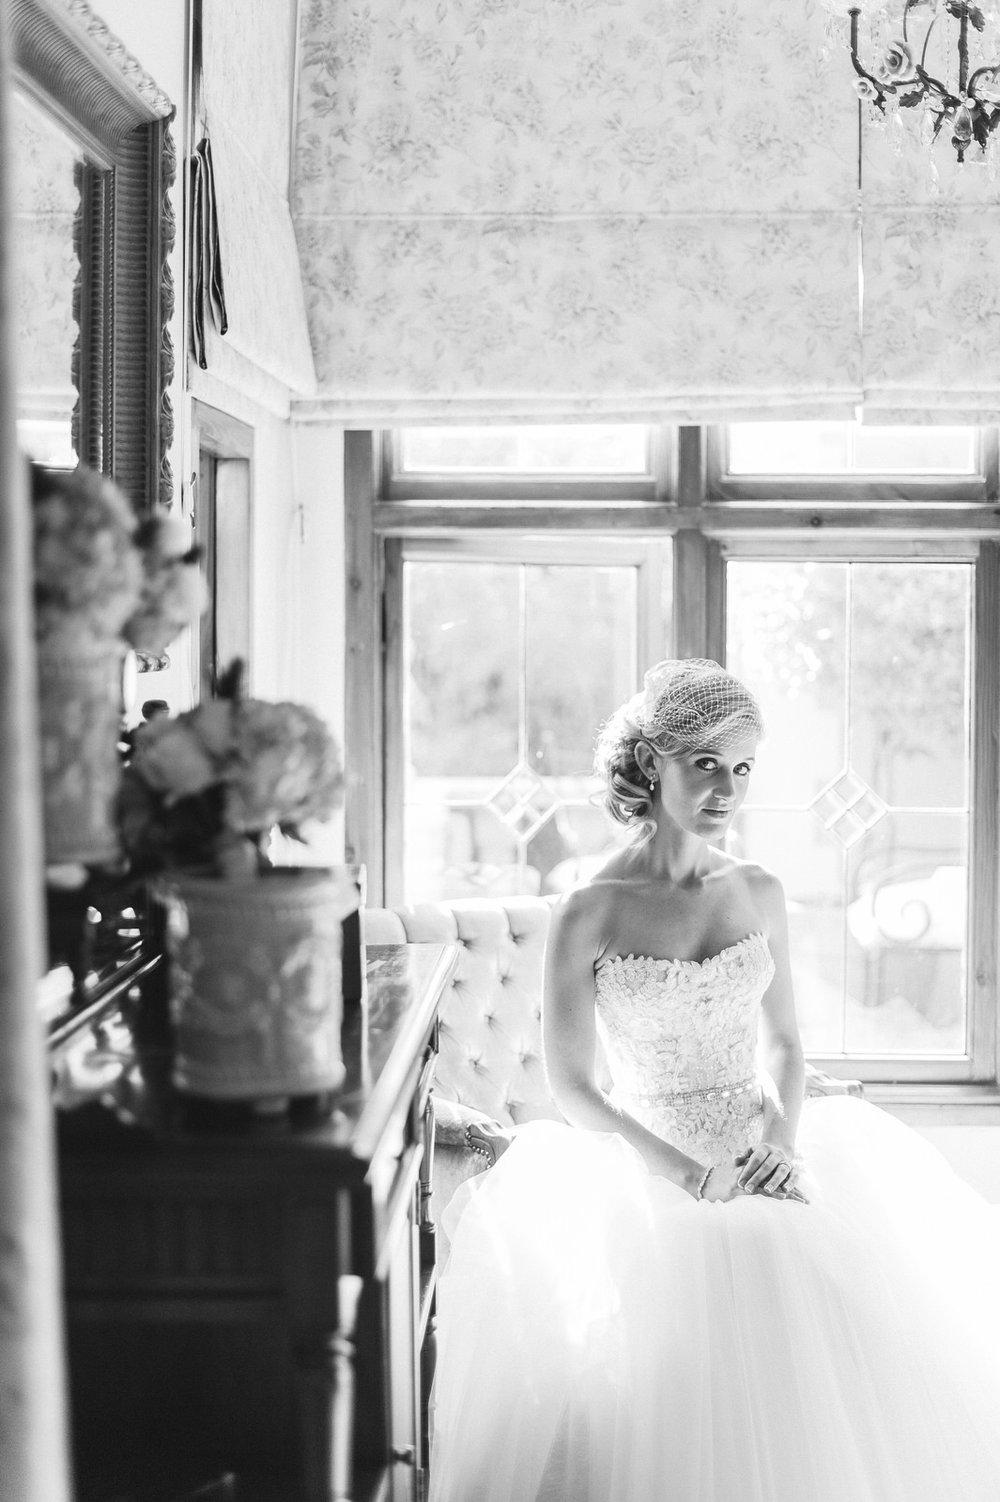 RyanParker_FineArtPhotographer_Weddings_Johannesburg_Morrells_DSC_2641.jpg